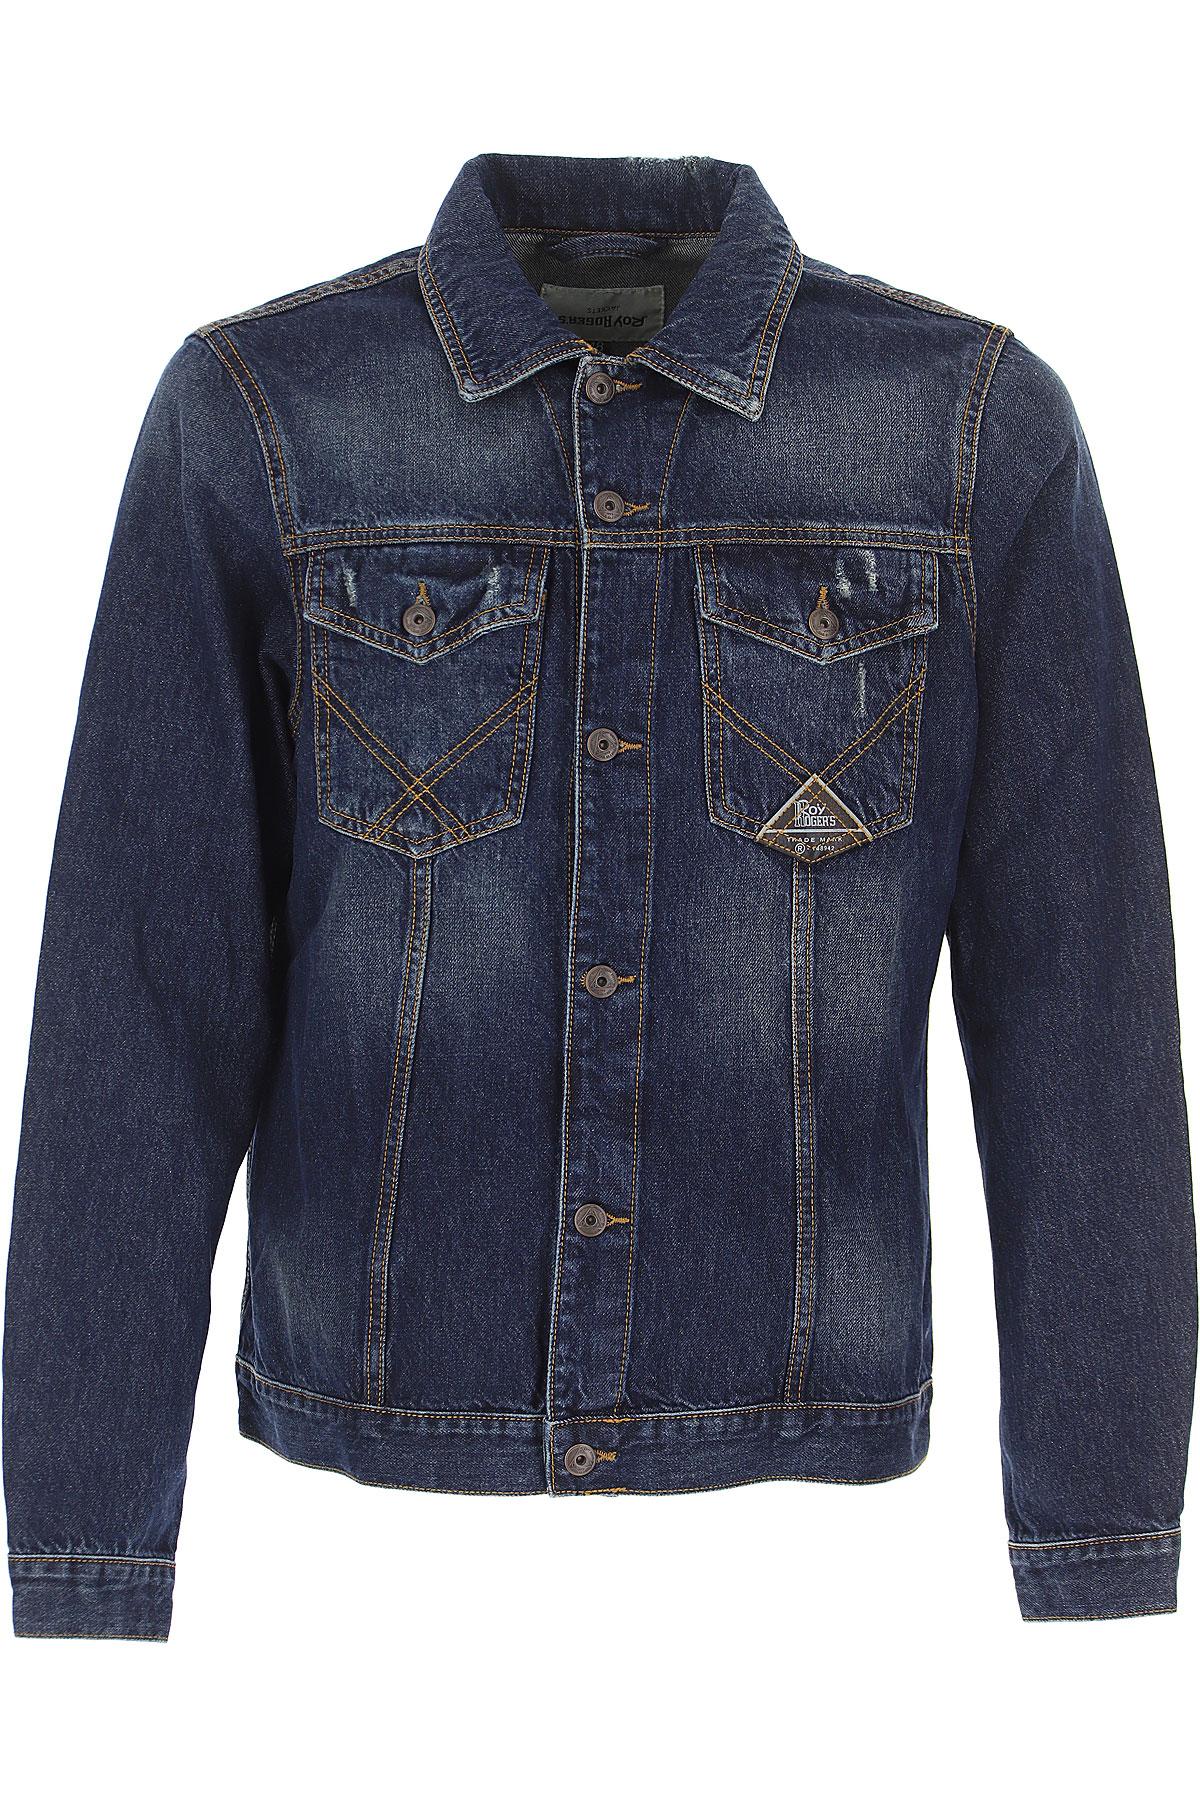 Roy Rogers Jacket for Men On Sale, Denim, Cotton, 2019, L M XL